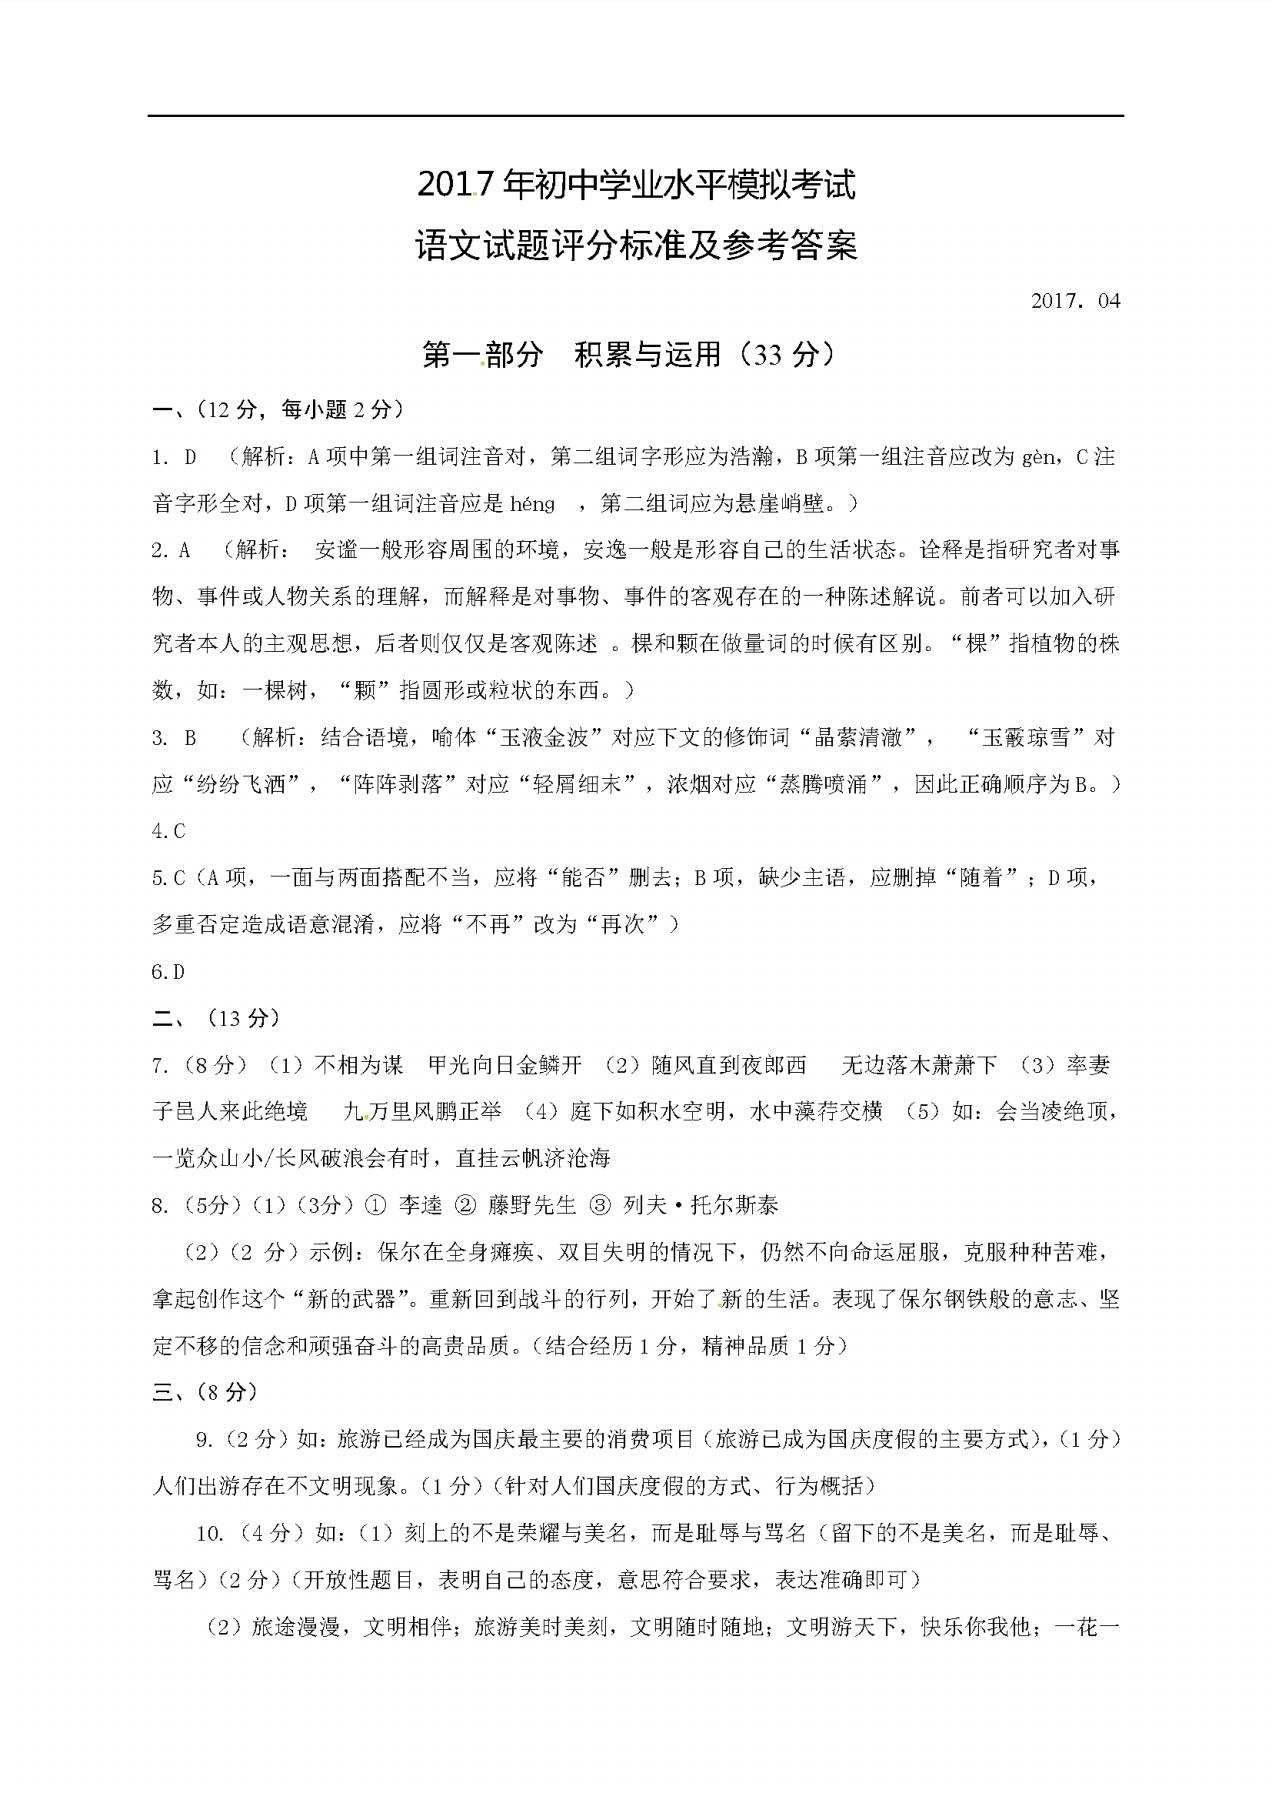 山东寿光世纪学校2017九年级4月月考模拟语文试题答案(Word版)